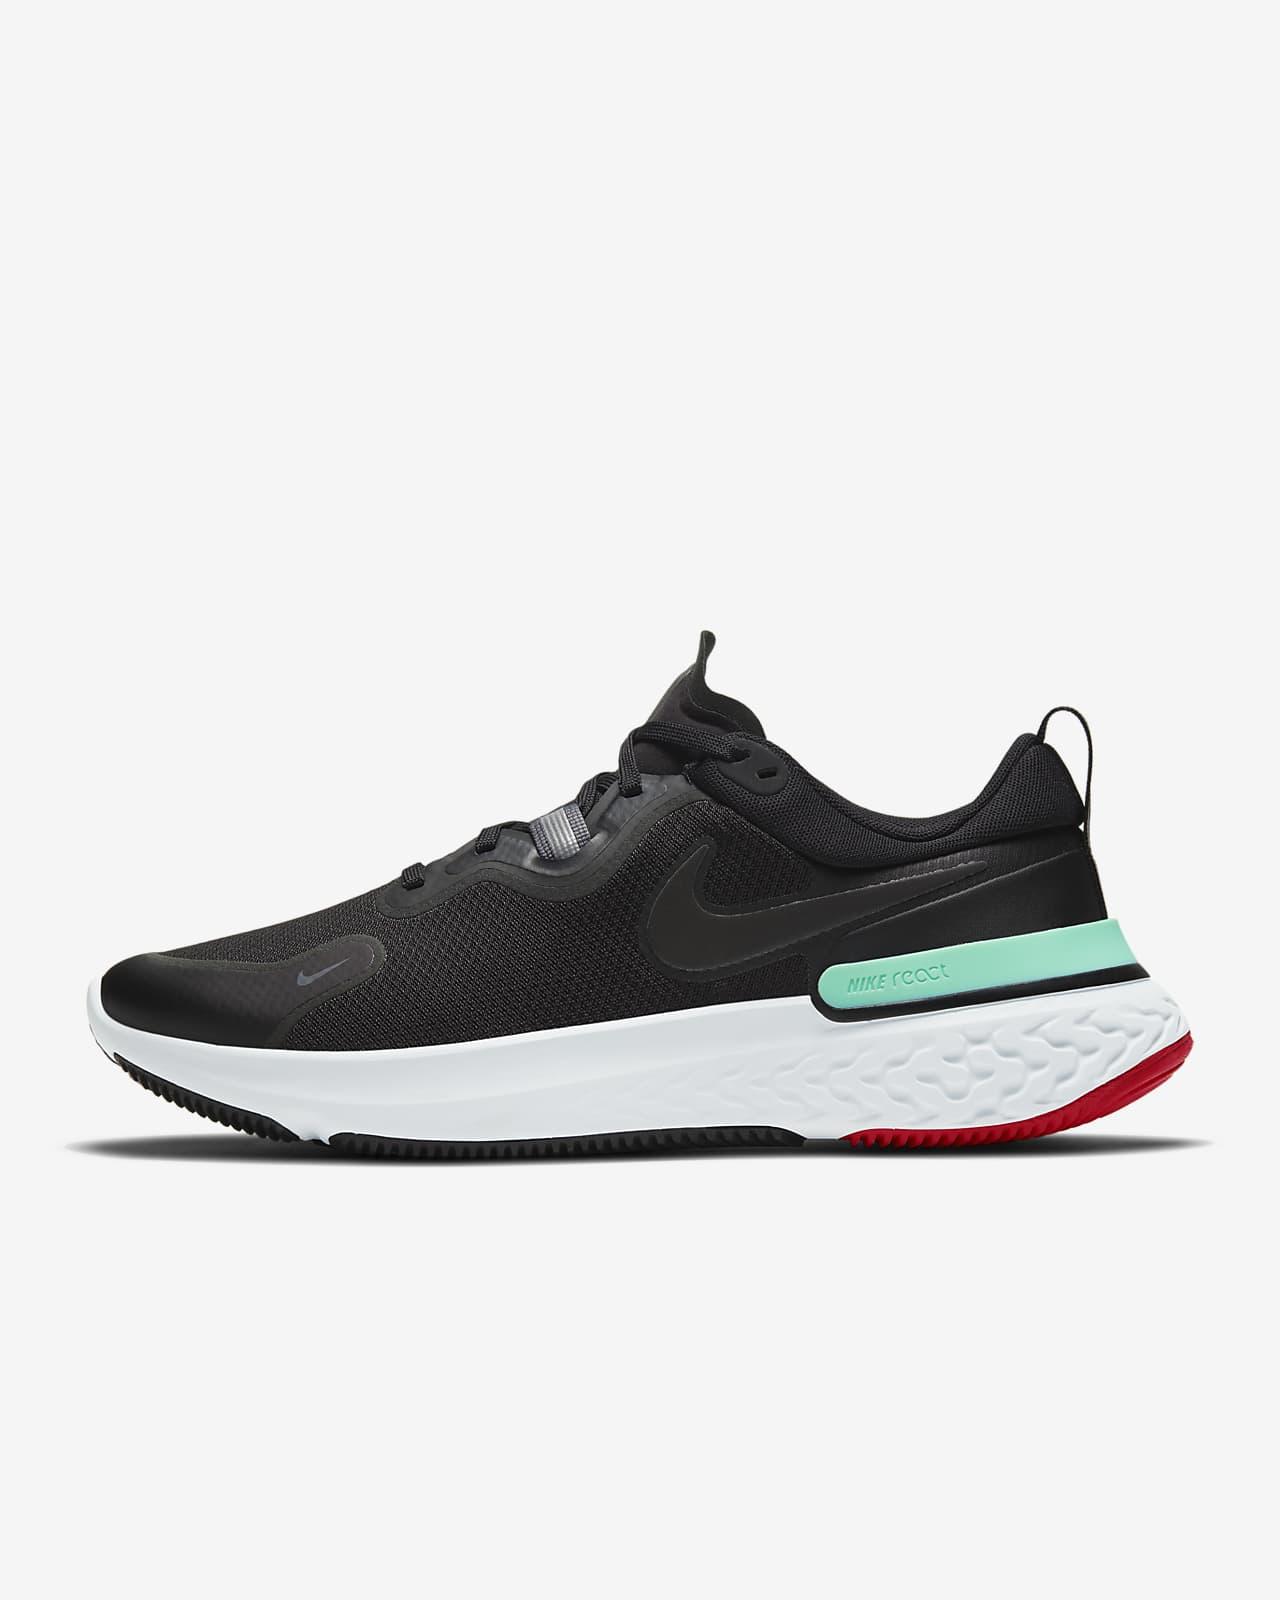 Nike React Miler 男款路跑鞋